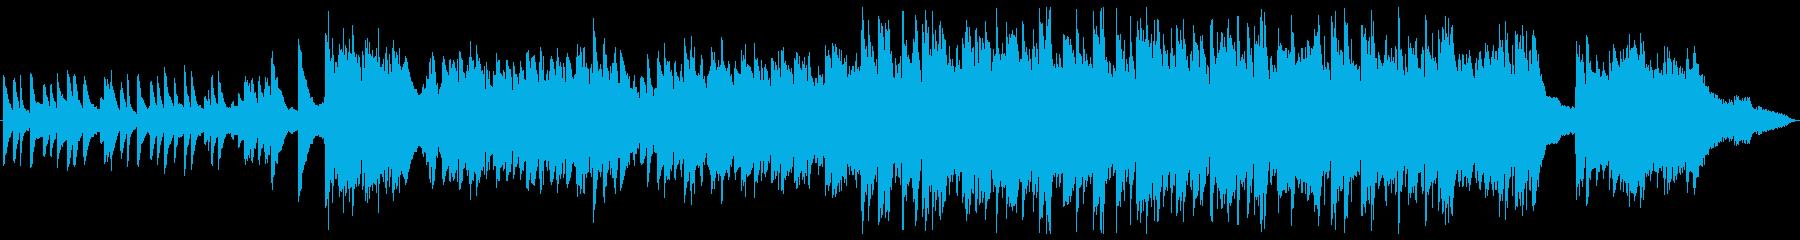 トリオ編成のノスタルジックなバラードの再生済みの波形